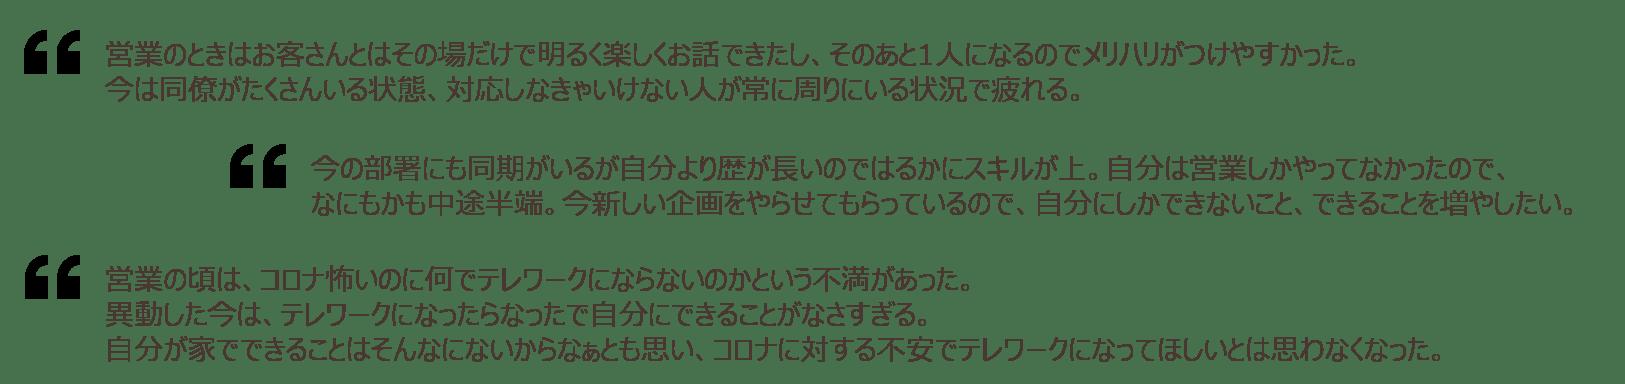 n1-c_05.png